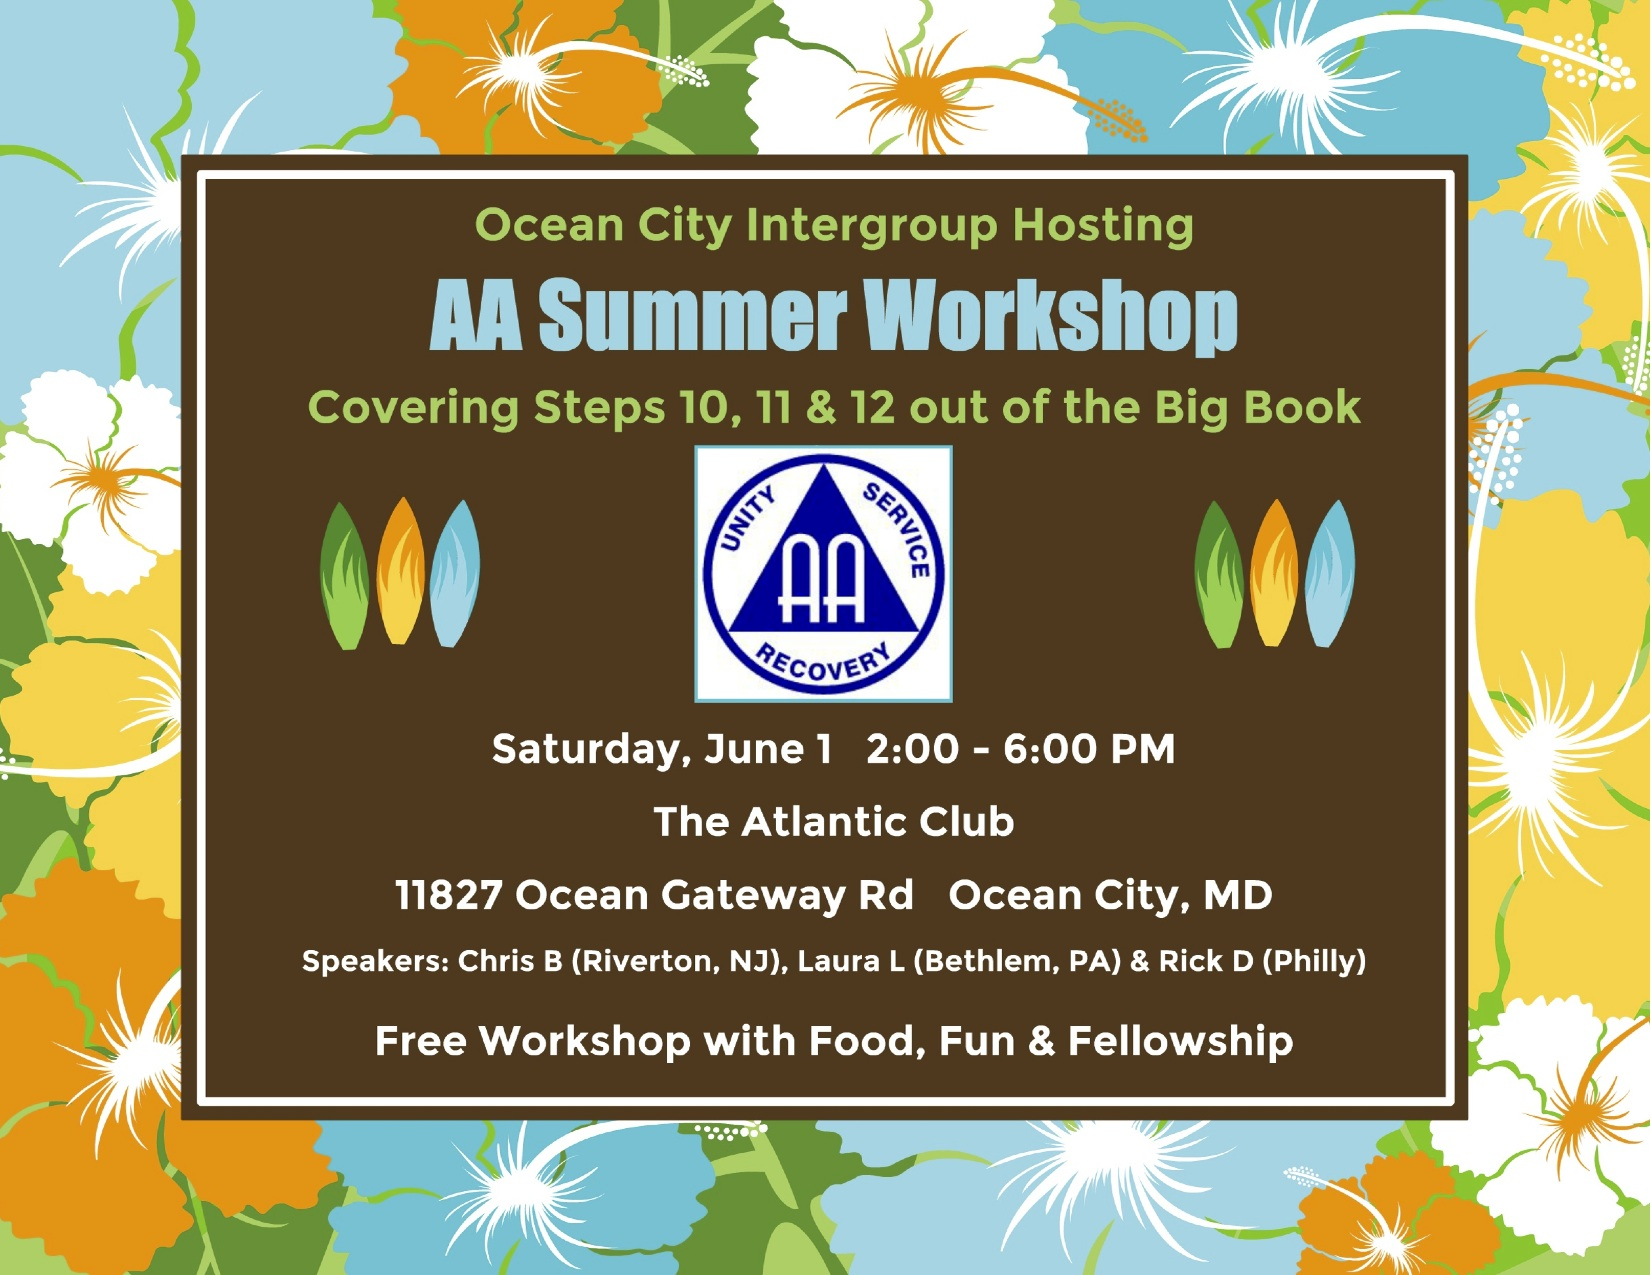 Summer Workshop Flyer_5.03.19